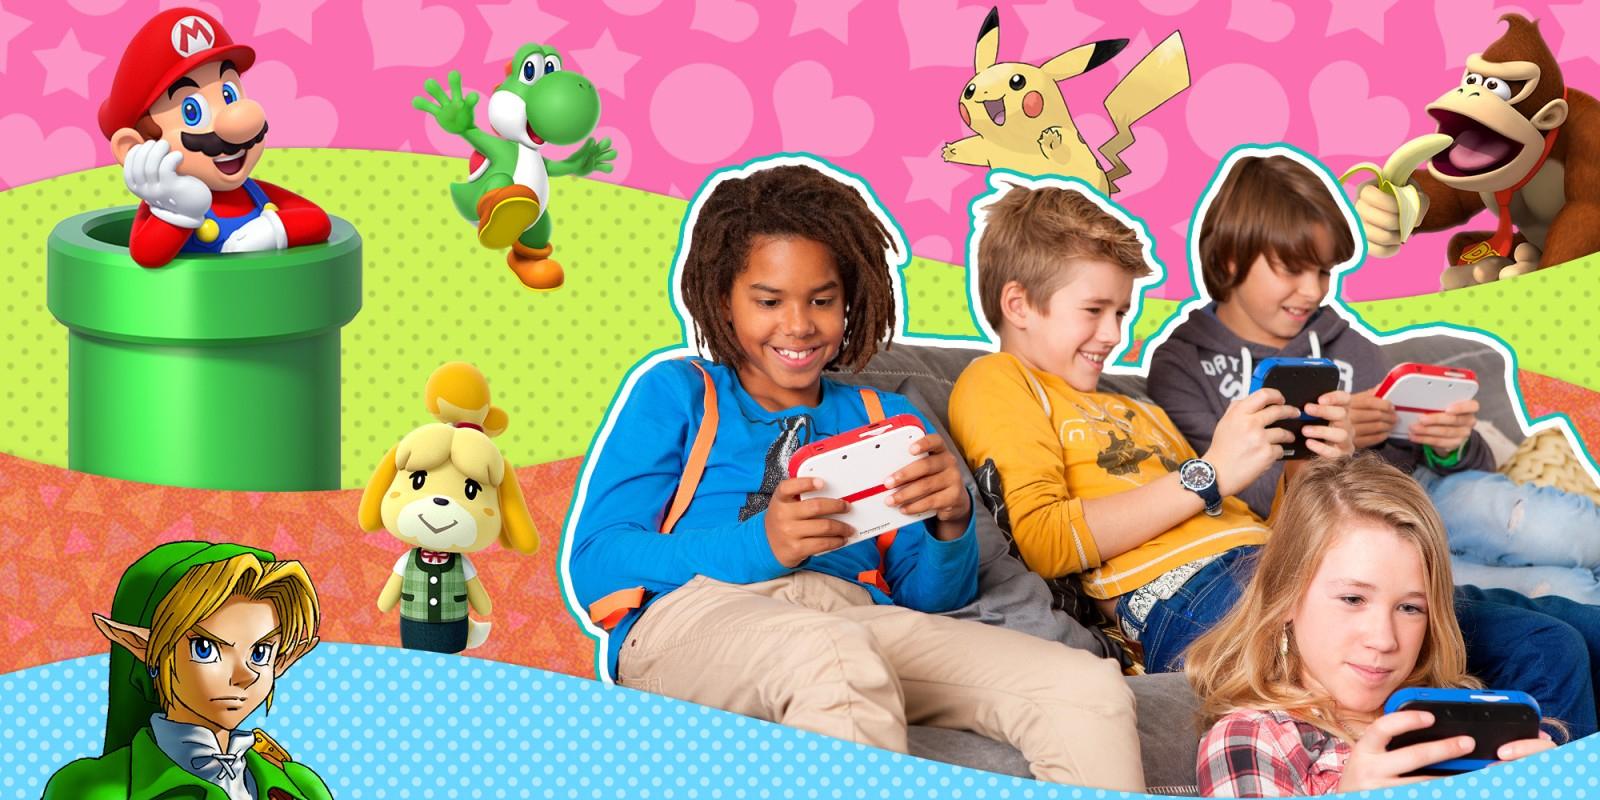 Jeux Nintendo Pour Les Enfants | Nintendo pour Jeux Fille 5 Ans Gratuit